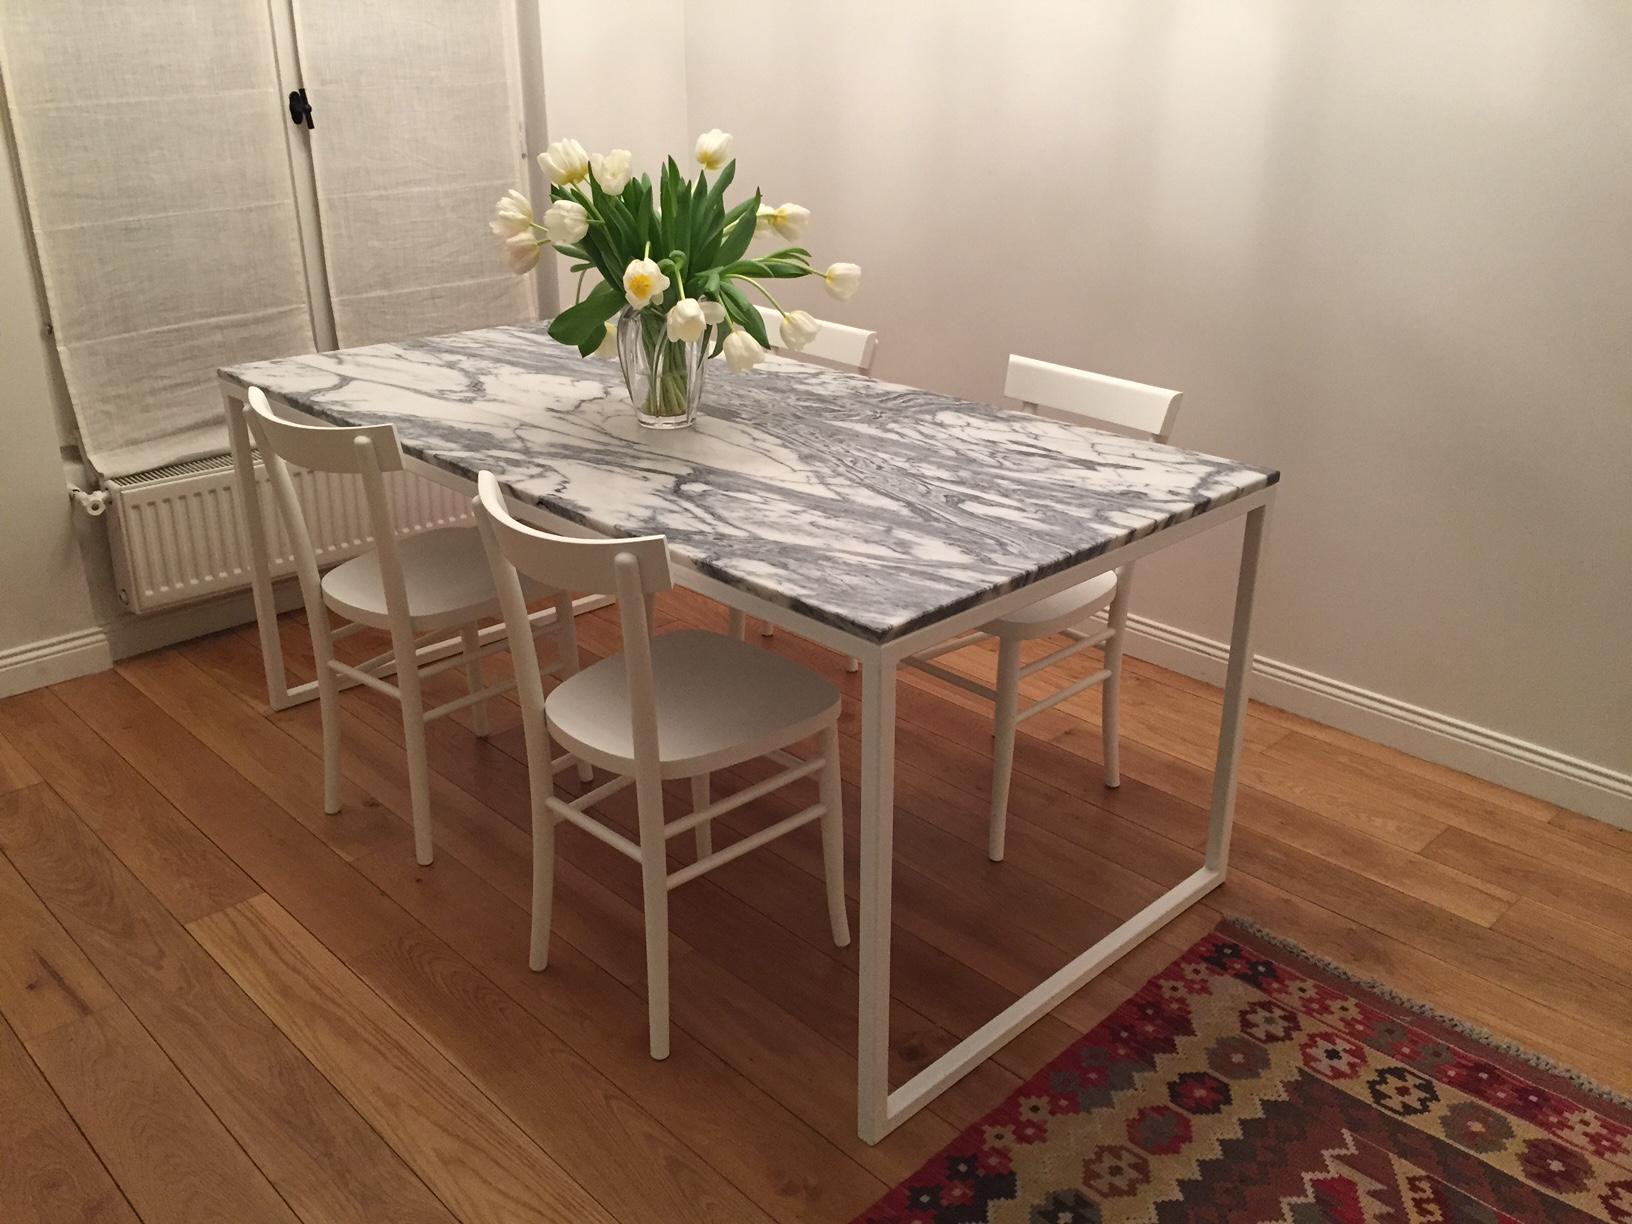 plan de travail granit quartz table en mabre paris essonne table en marbre paris. Black Bedroom Furniture Sets. Home Design Ideas